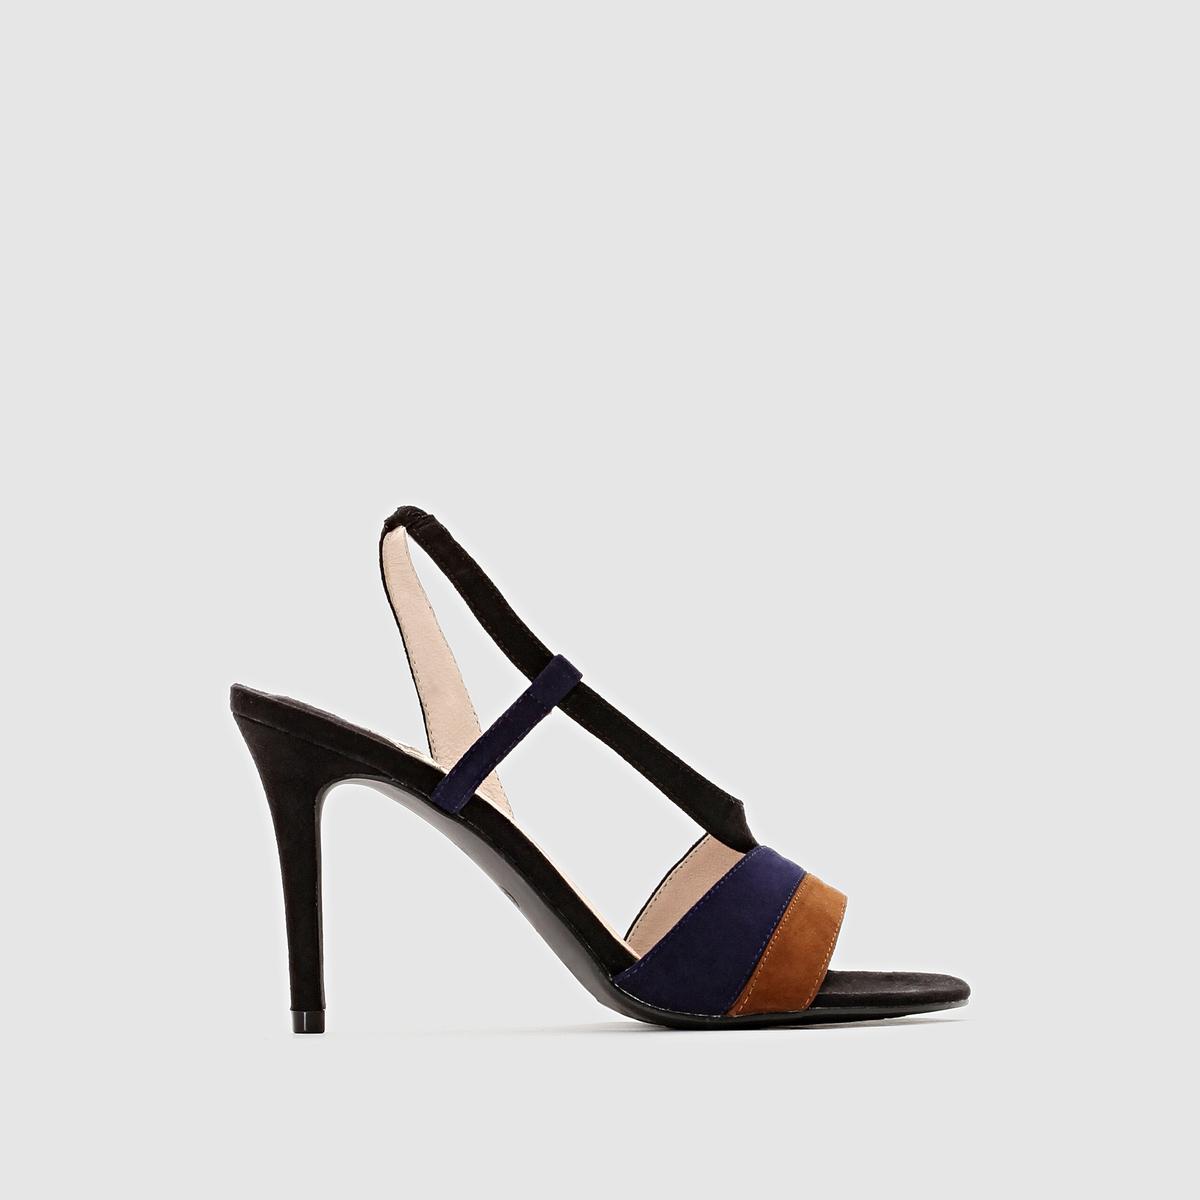 СандалииВерх : текстиль       Подкладка : кожа.     Стелька : кожа+текстильПодошва : из эластомера     Высота каблука : 9 см     Преимущества : Эластичный, очень удобный ремешок       Мы советуем выбирать обувь на размер меньше, чем ваш обычный размер.<br><br>Цвет: бежевый,черный<br>Размер: 38.41.39.41